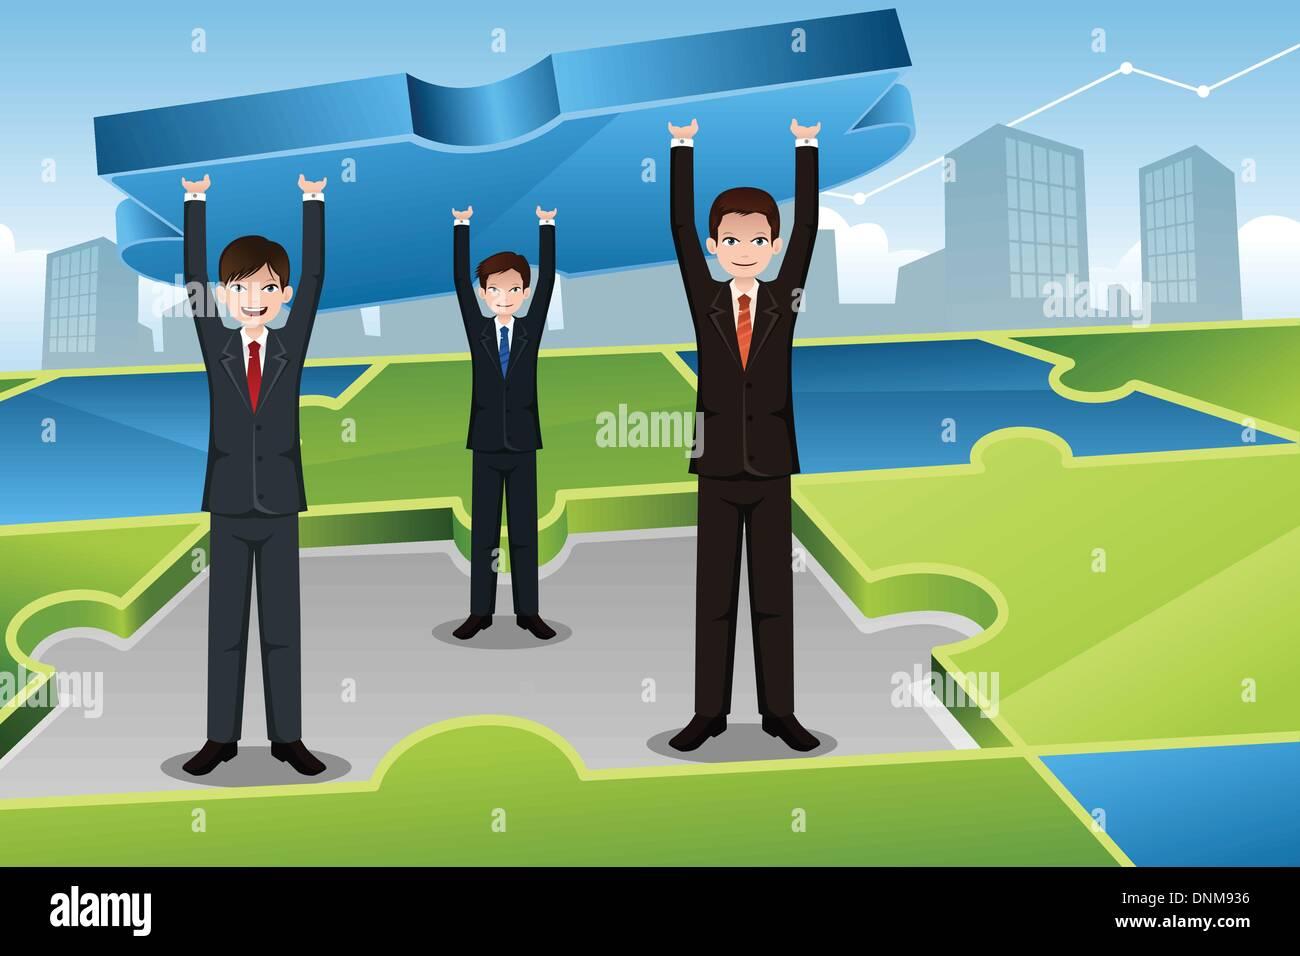 Una illustrazione vettoriale di uomini di affari che porta grande puzzle insieme per il business il concetto del lavoro di squadra Immagini Stock